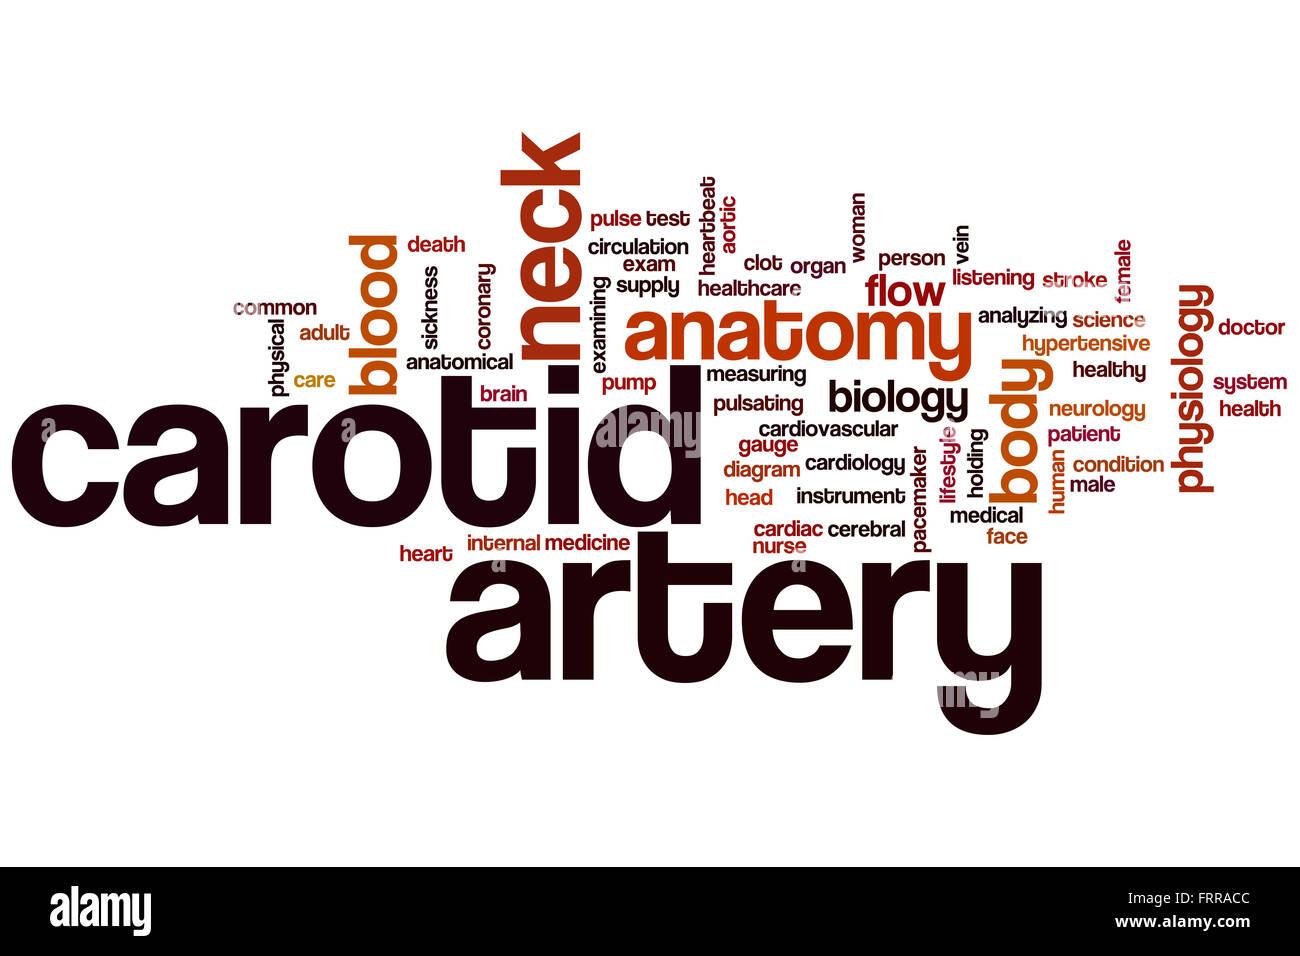 Carotid System Stockfotos & Carotid System Bilder - Alamy